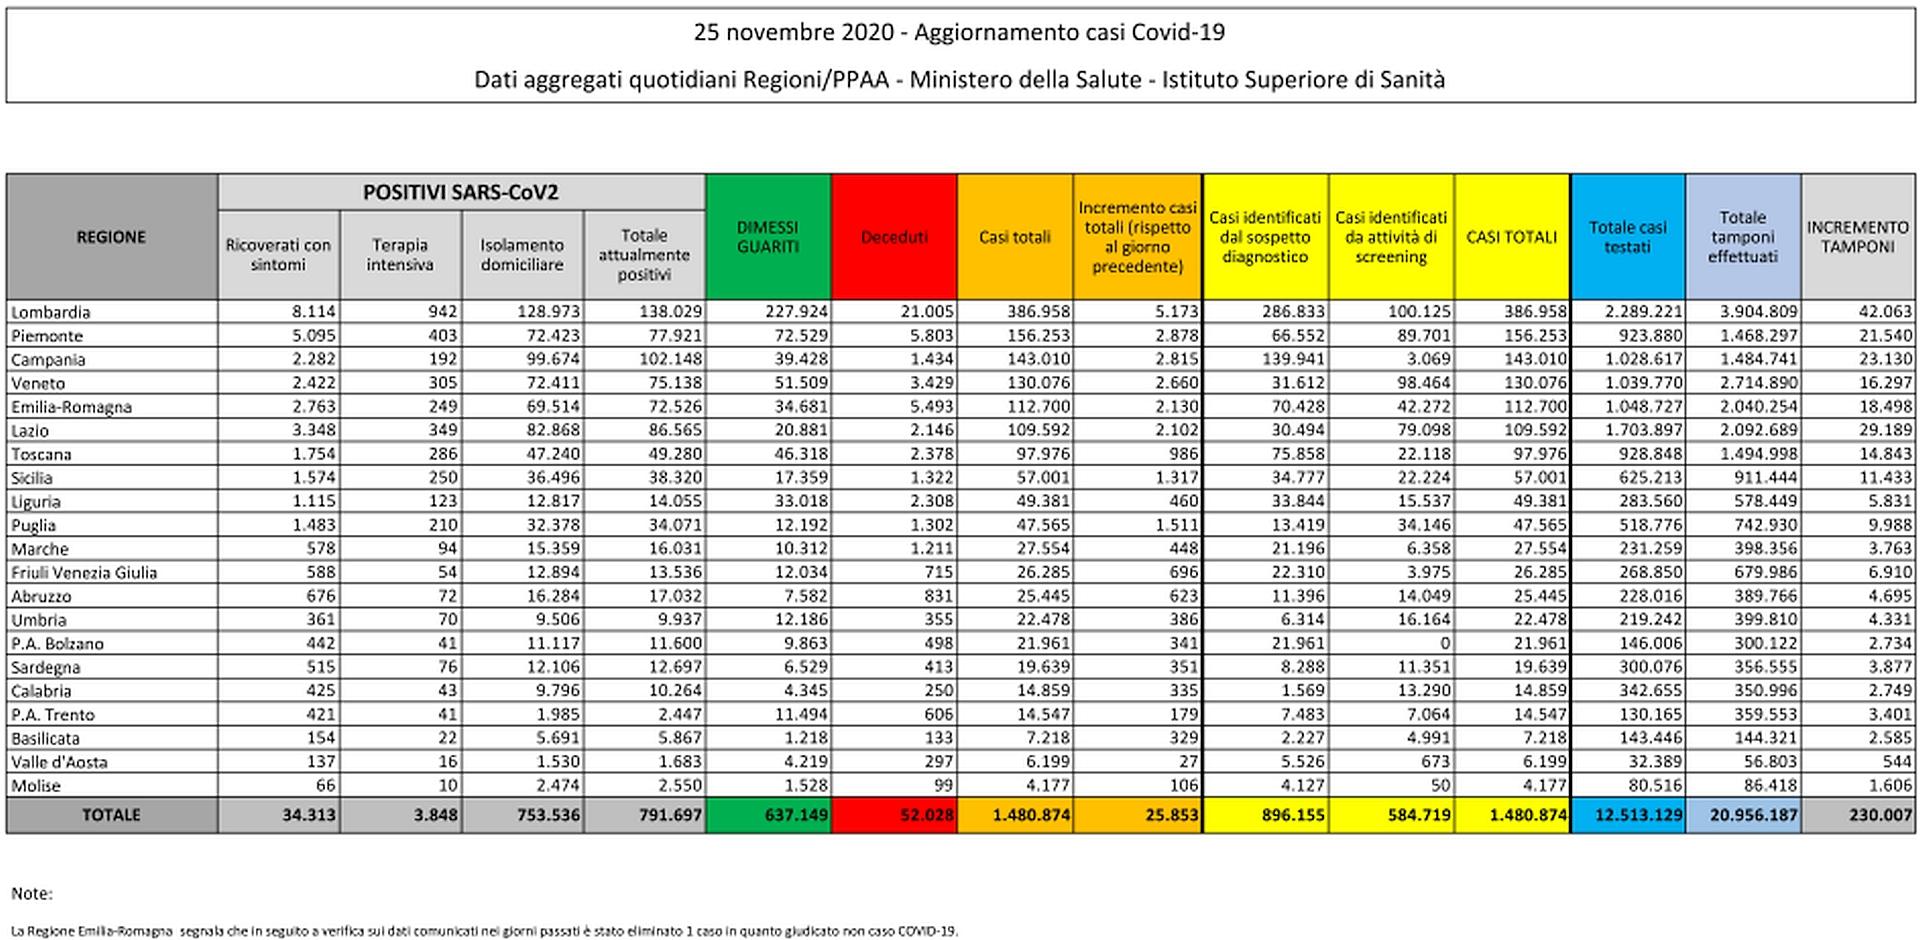 25 novembre 2020 - Aggiornamento casi Covid-19 Dati aggregati quotidiani Regioni/PPAA - Ministero della Salute - Istituto Superiore di Sanità